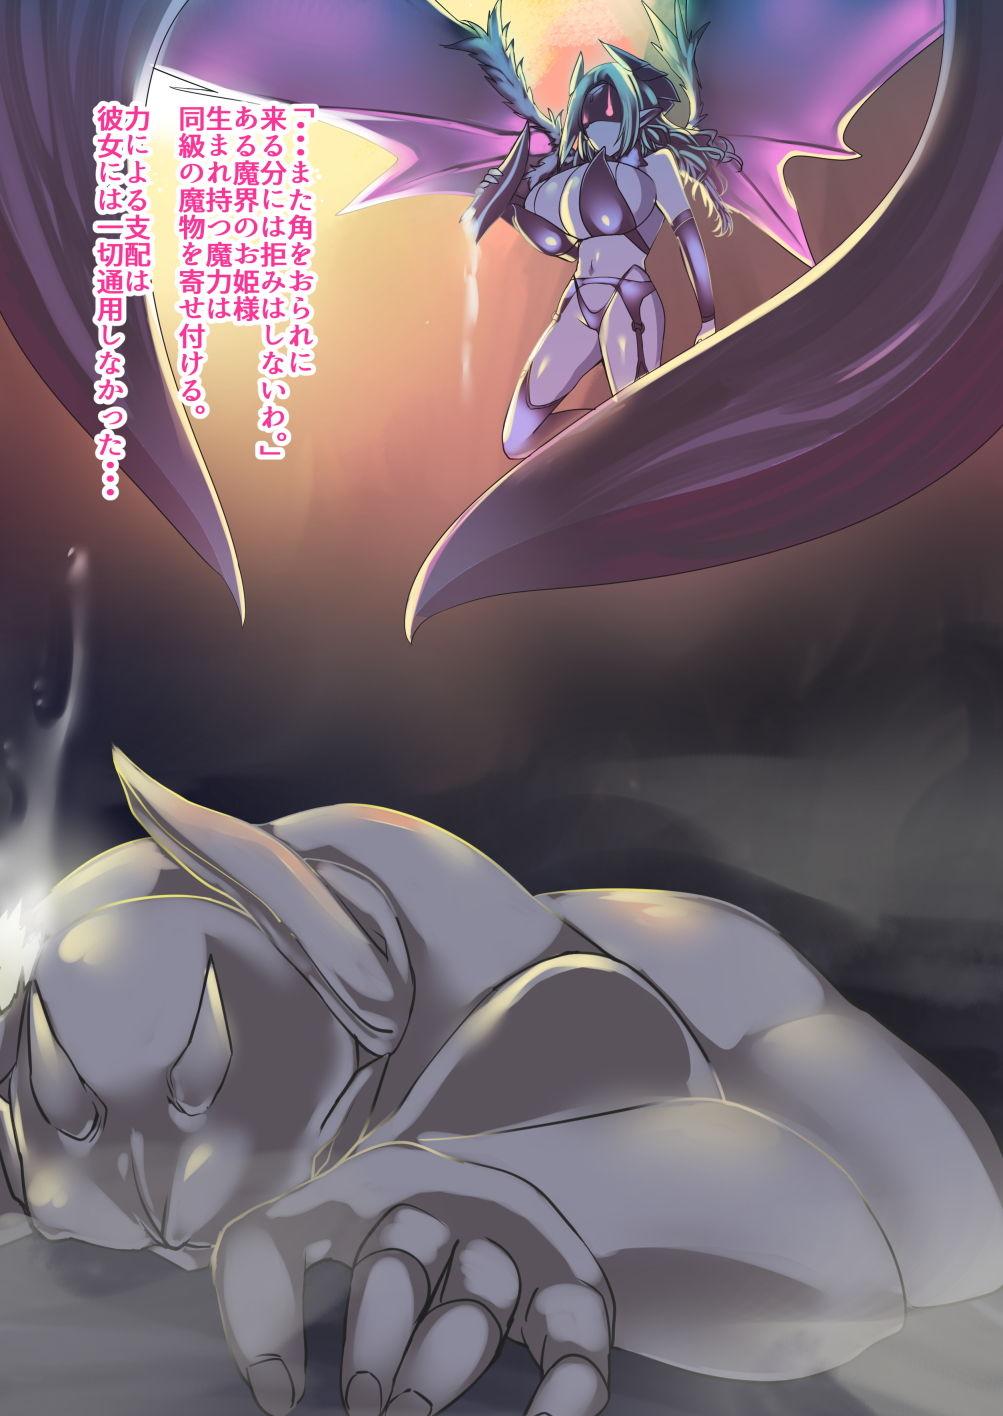 悪魔姫とゴブリン-格下の孕み袋になった夜 エロ画像